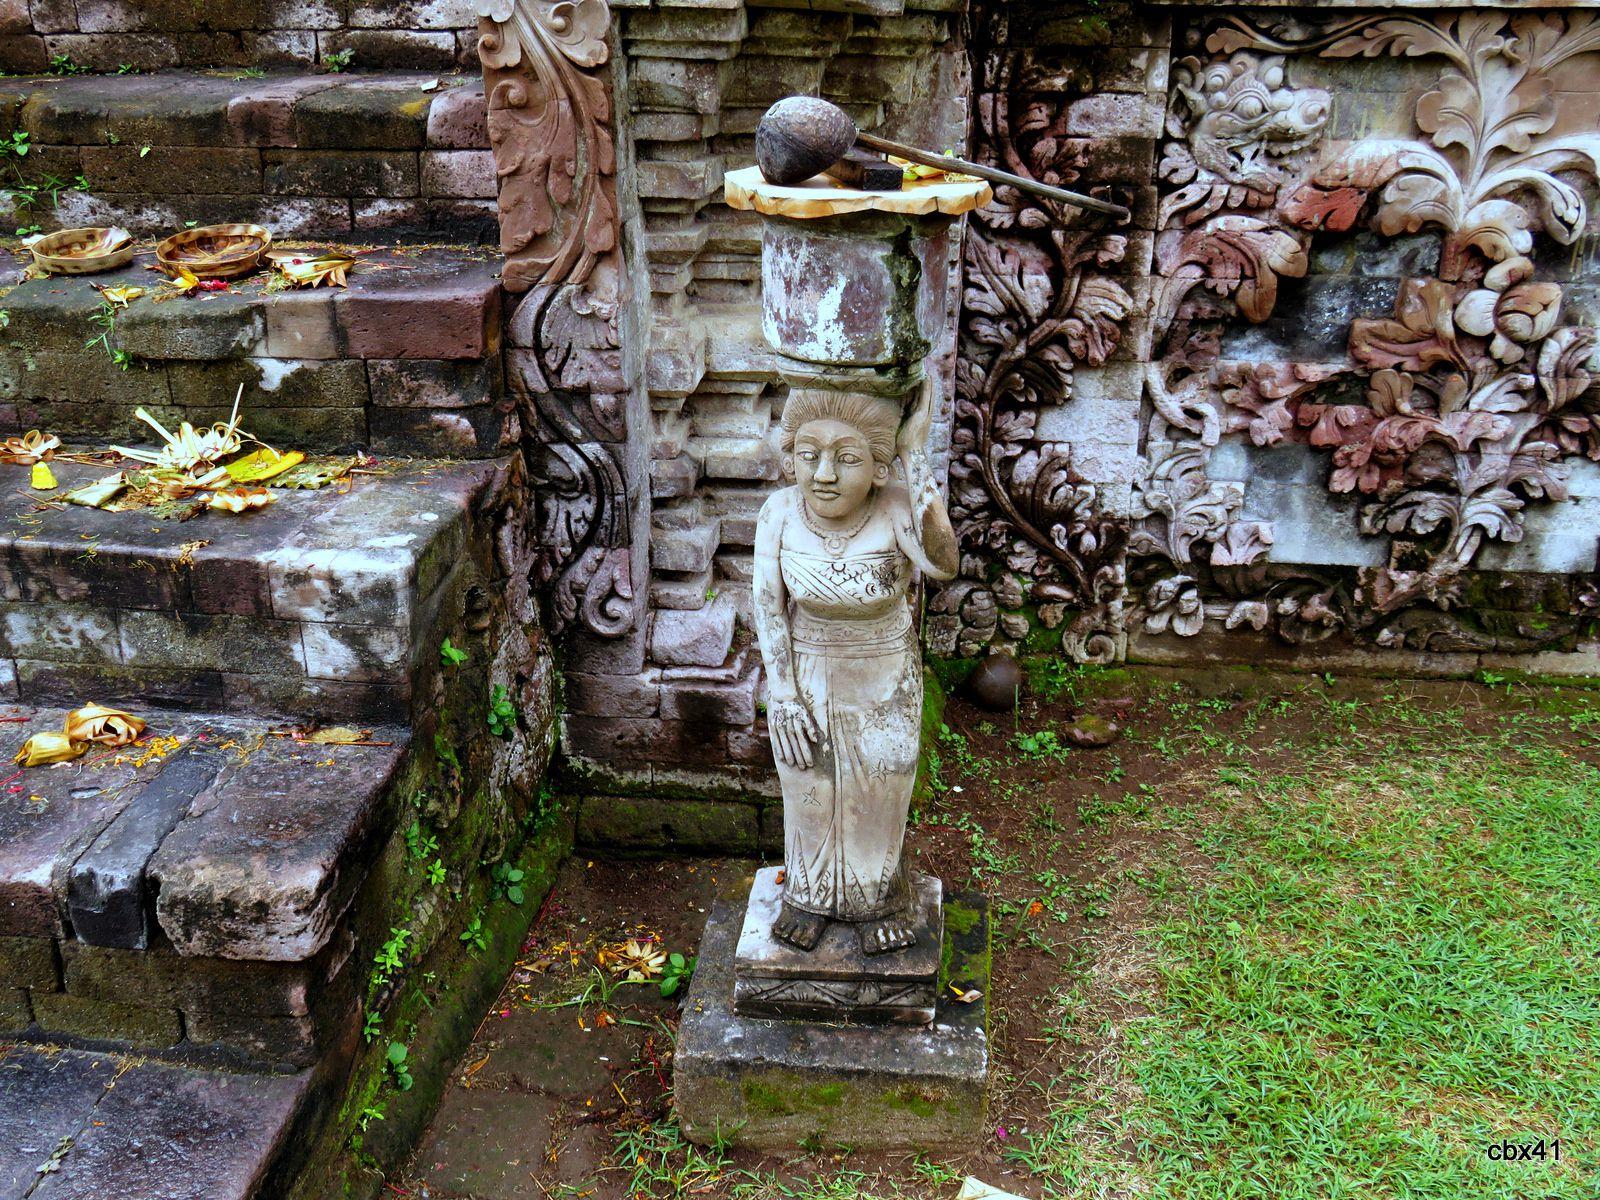 Temple Pura Beji, dieux et démons (Bali, Indonésie)